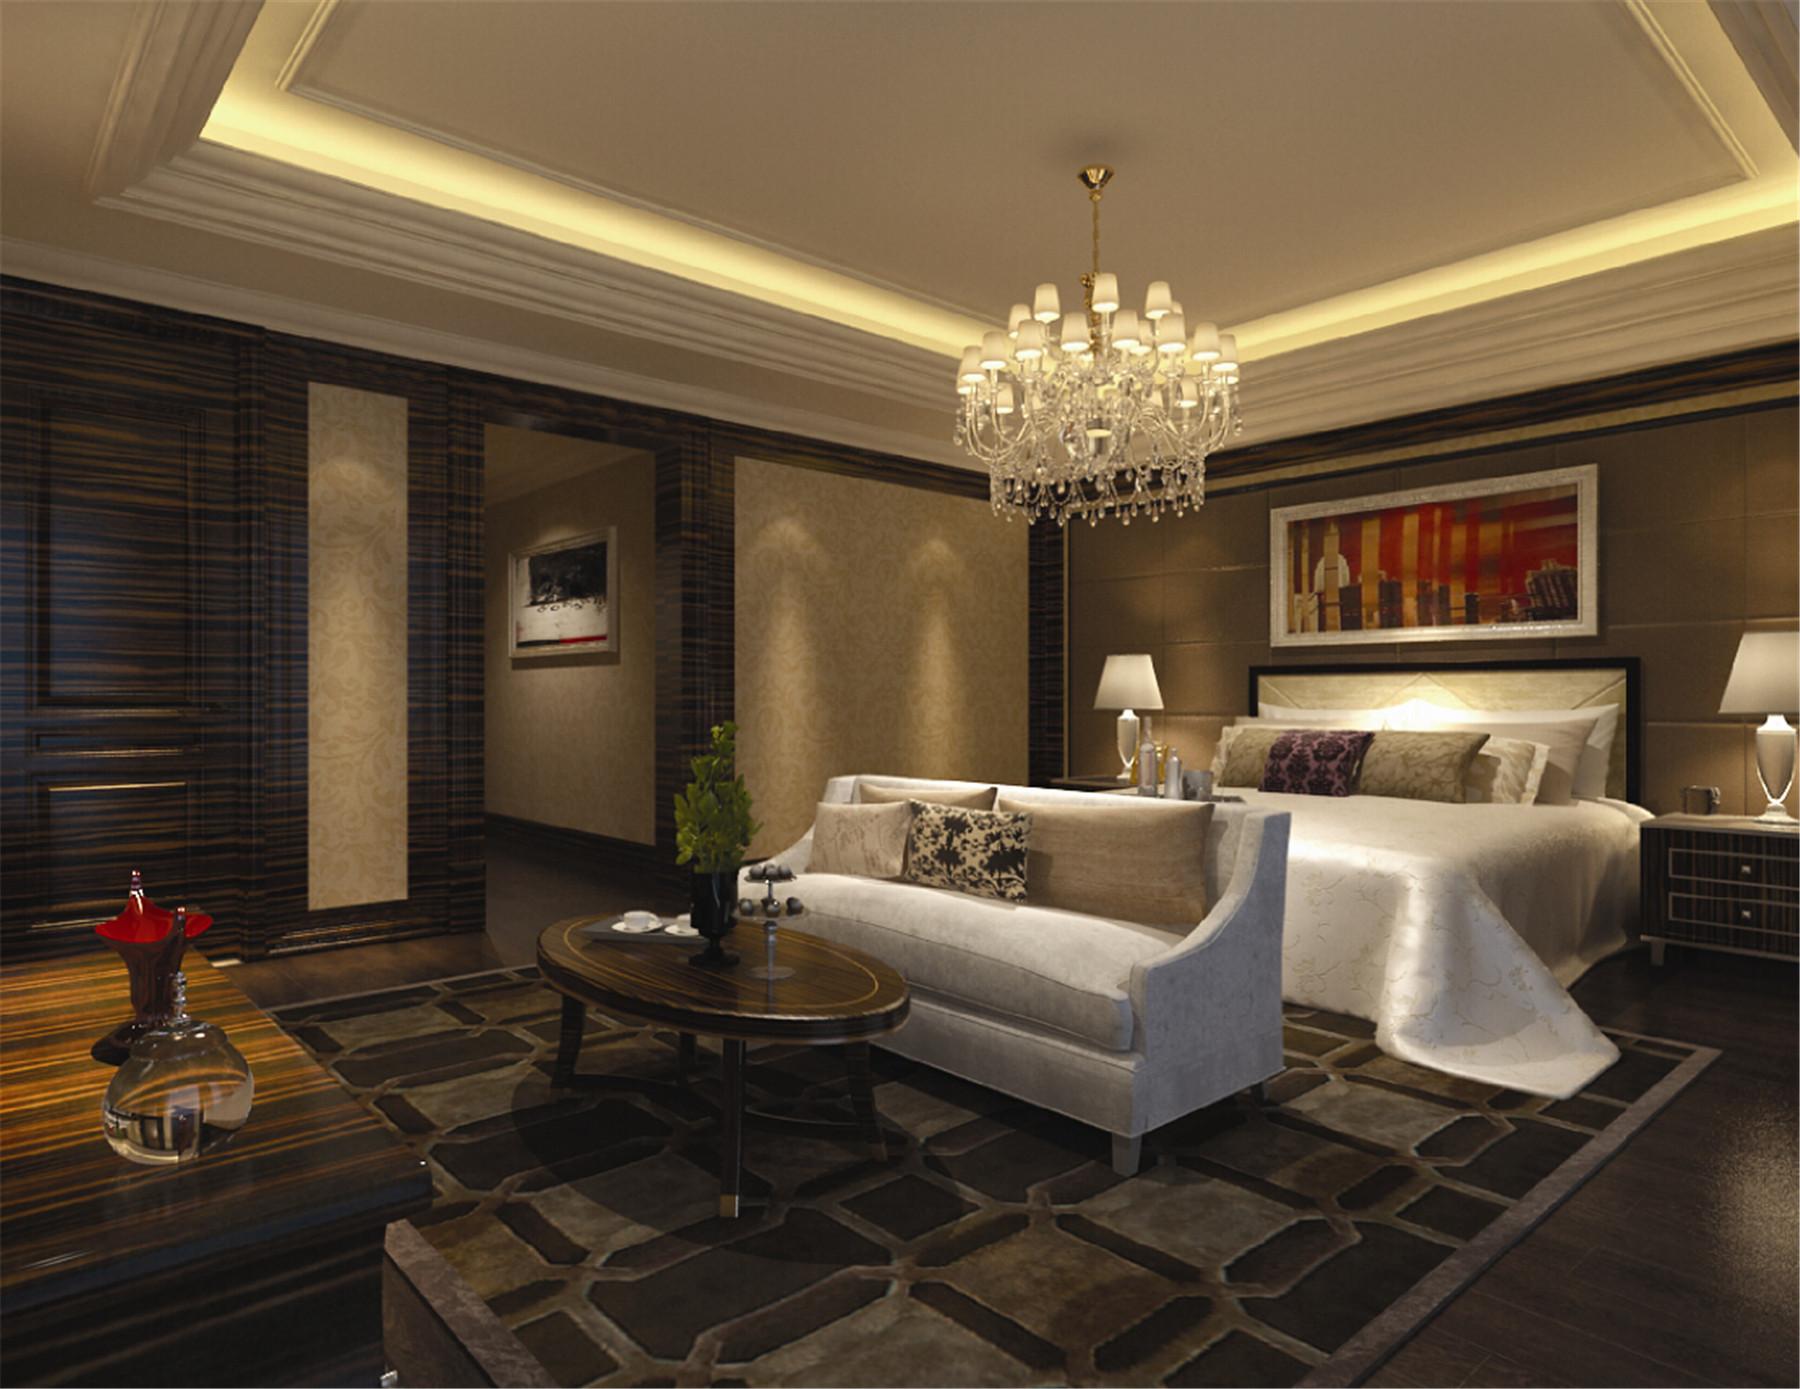 皇都花园 别墅装修 别墅设计 欧式古典 腾龙设计 卧室图片来自腾龙设计在皇都花园别墅装修欧式风格设计的分享